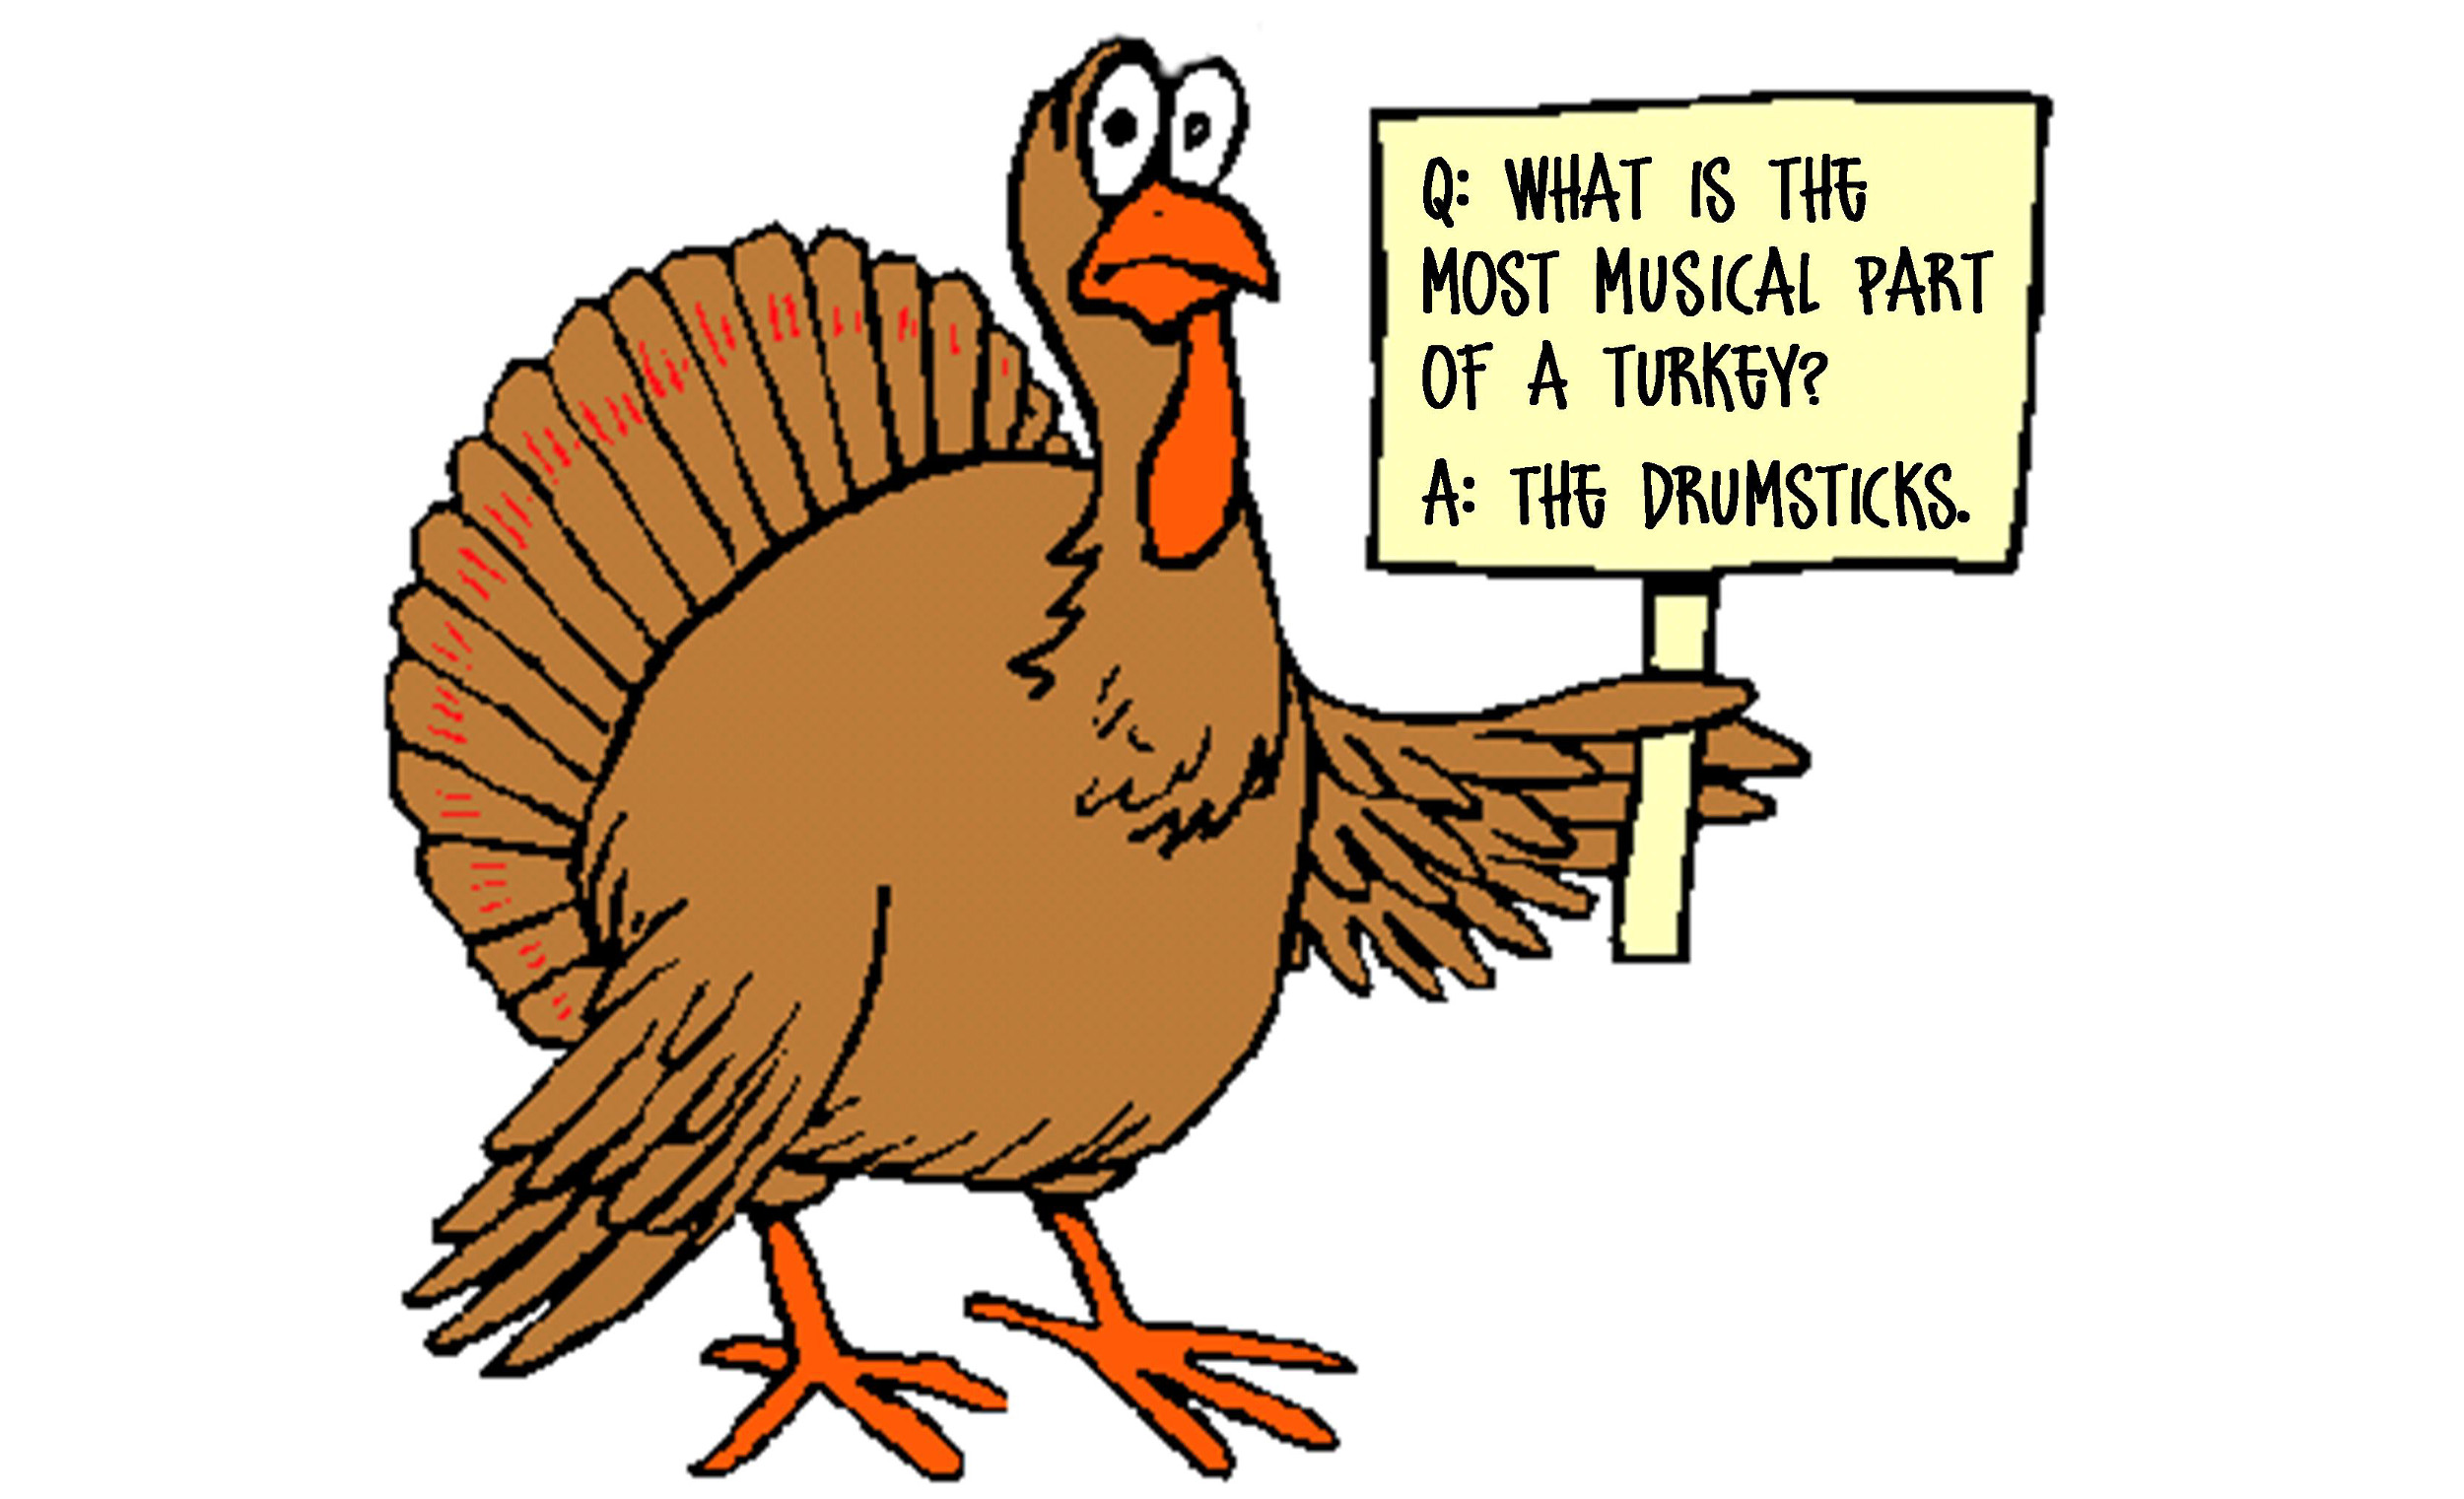 Turkey-Drumsticks1.jpg